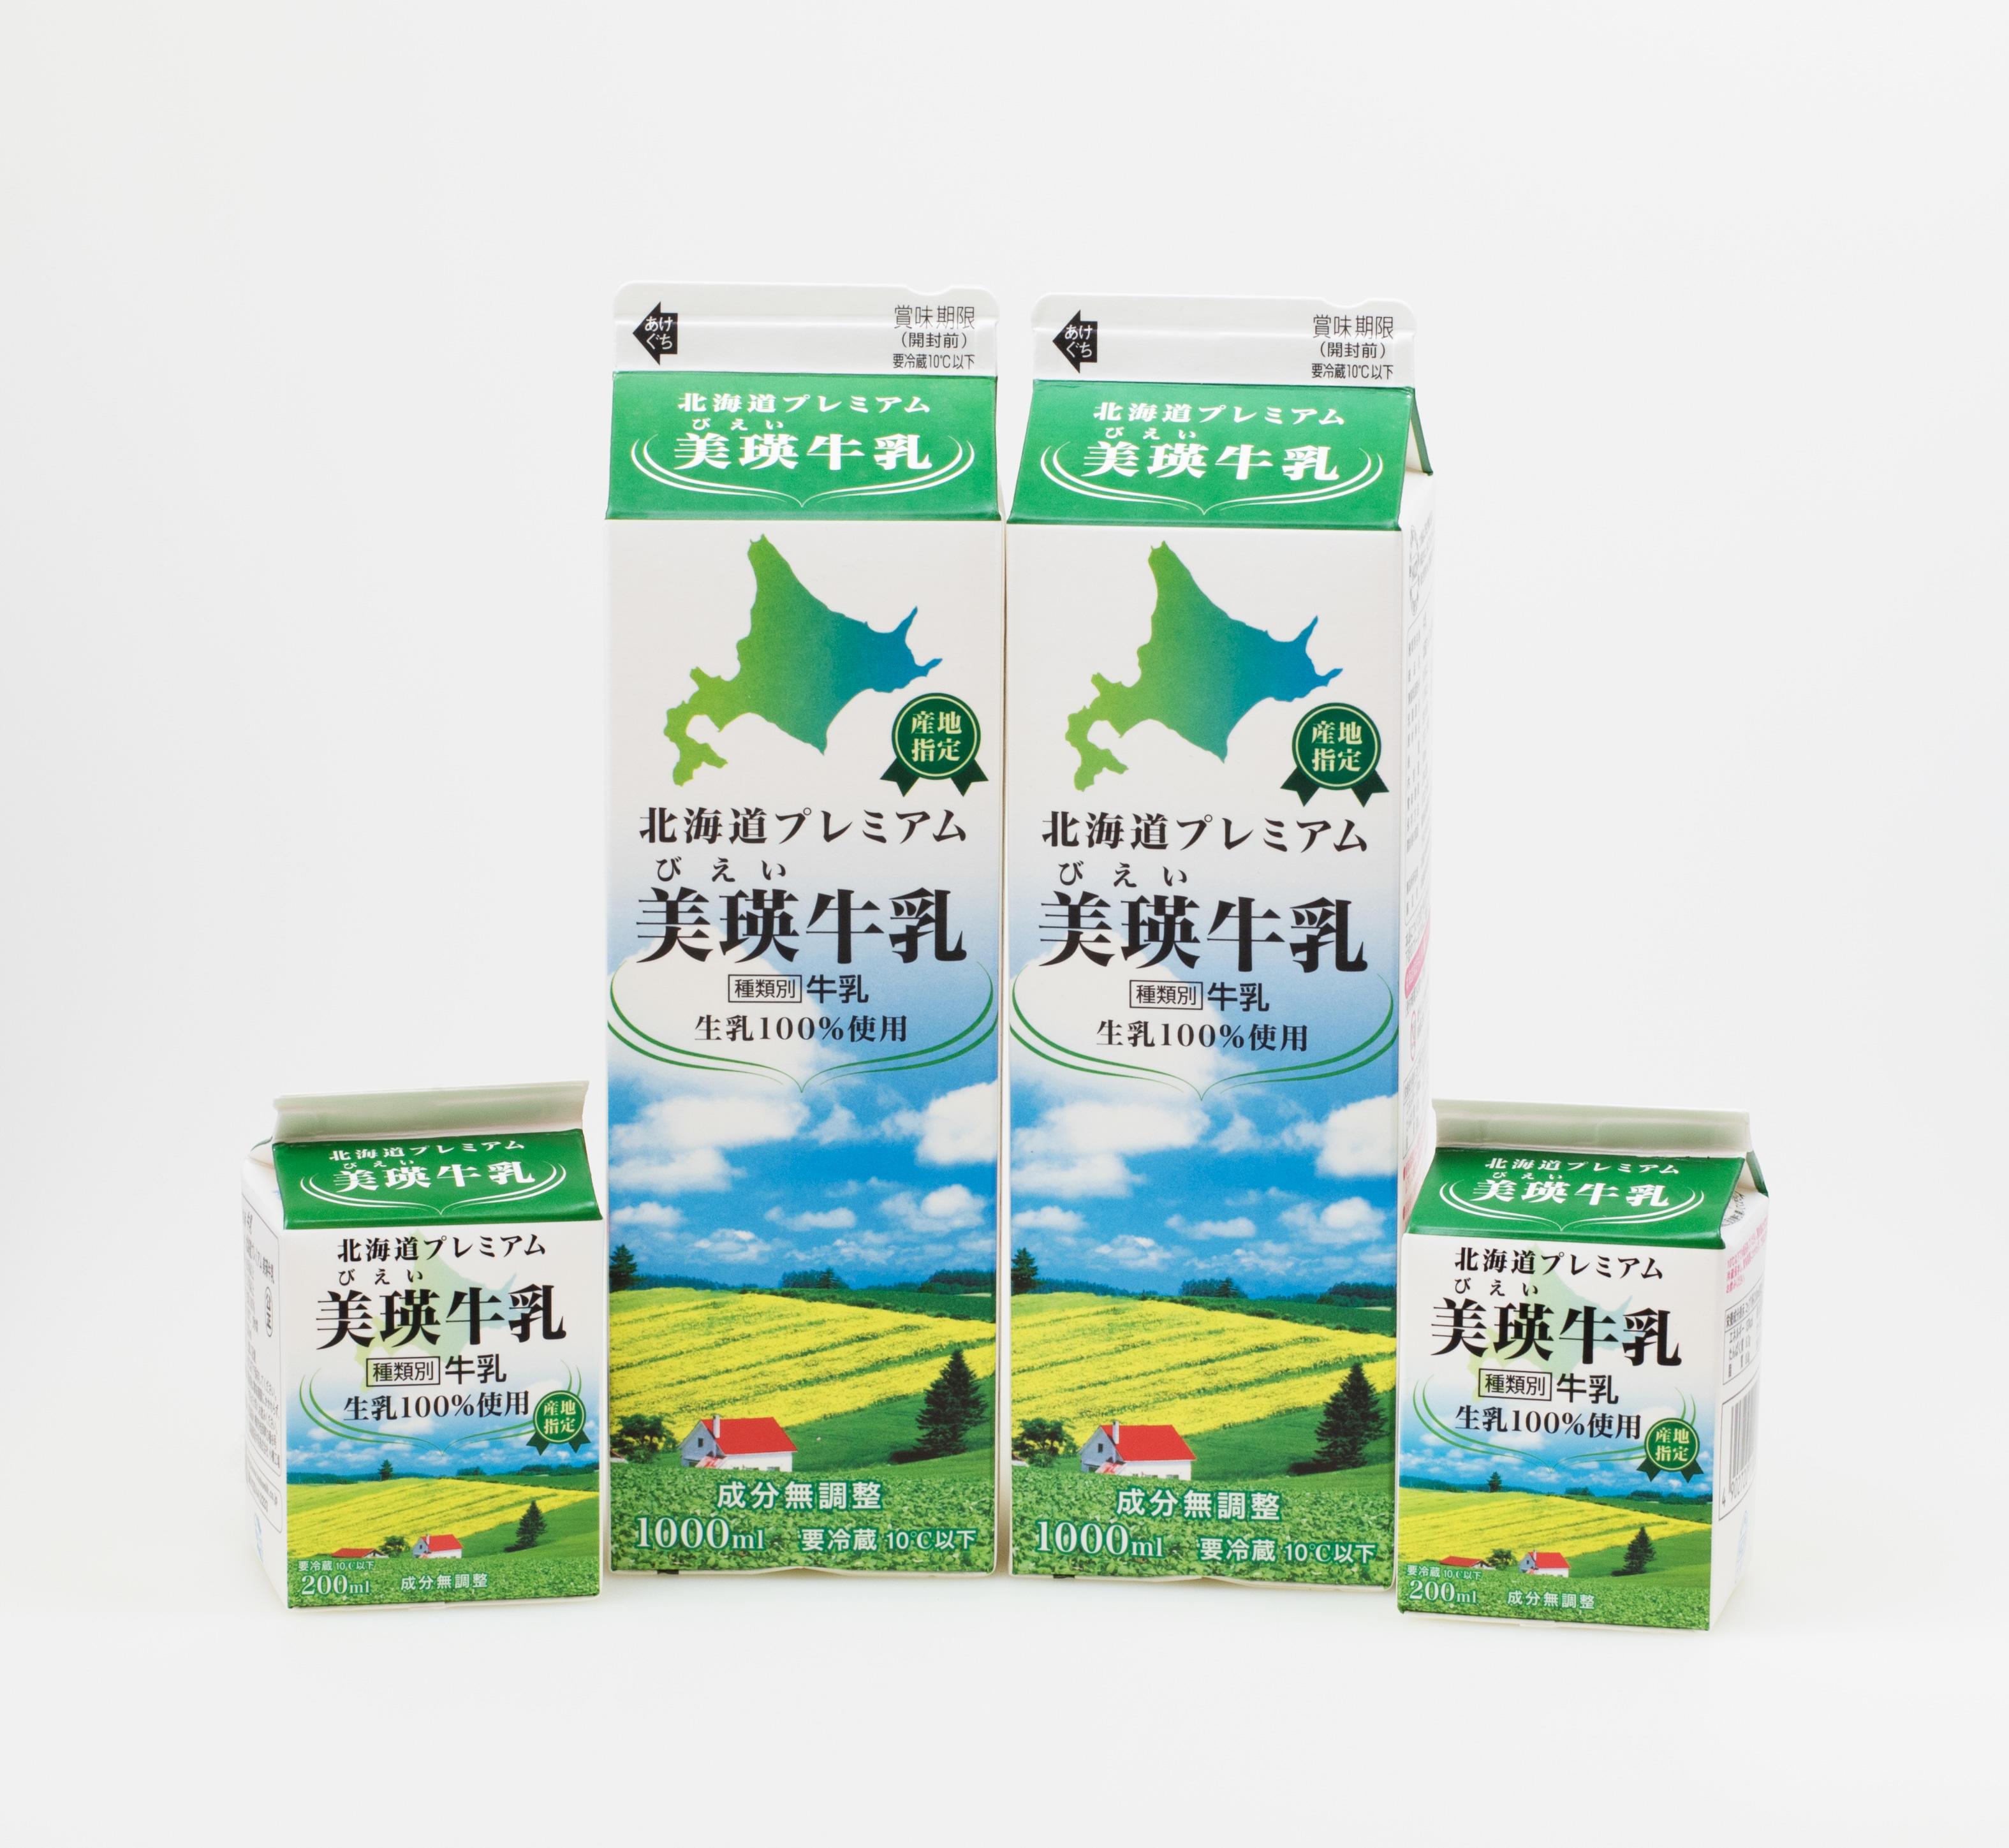 北海道プレミアム 美瑛牛乳